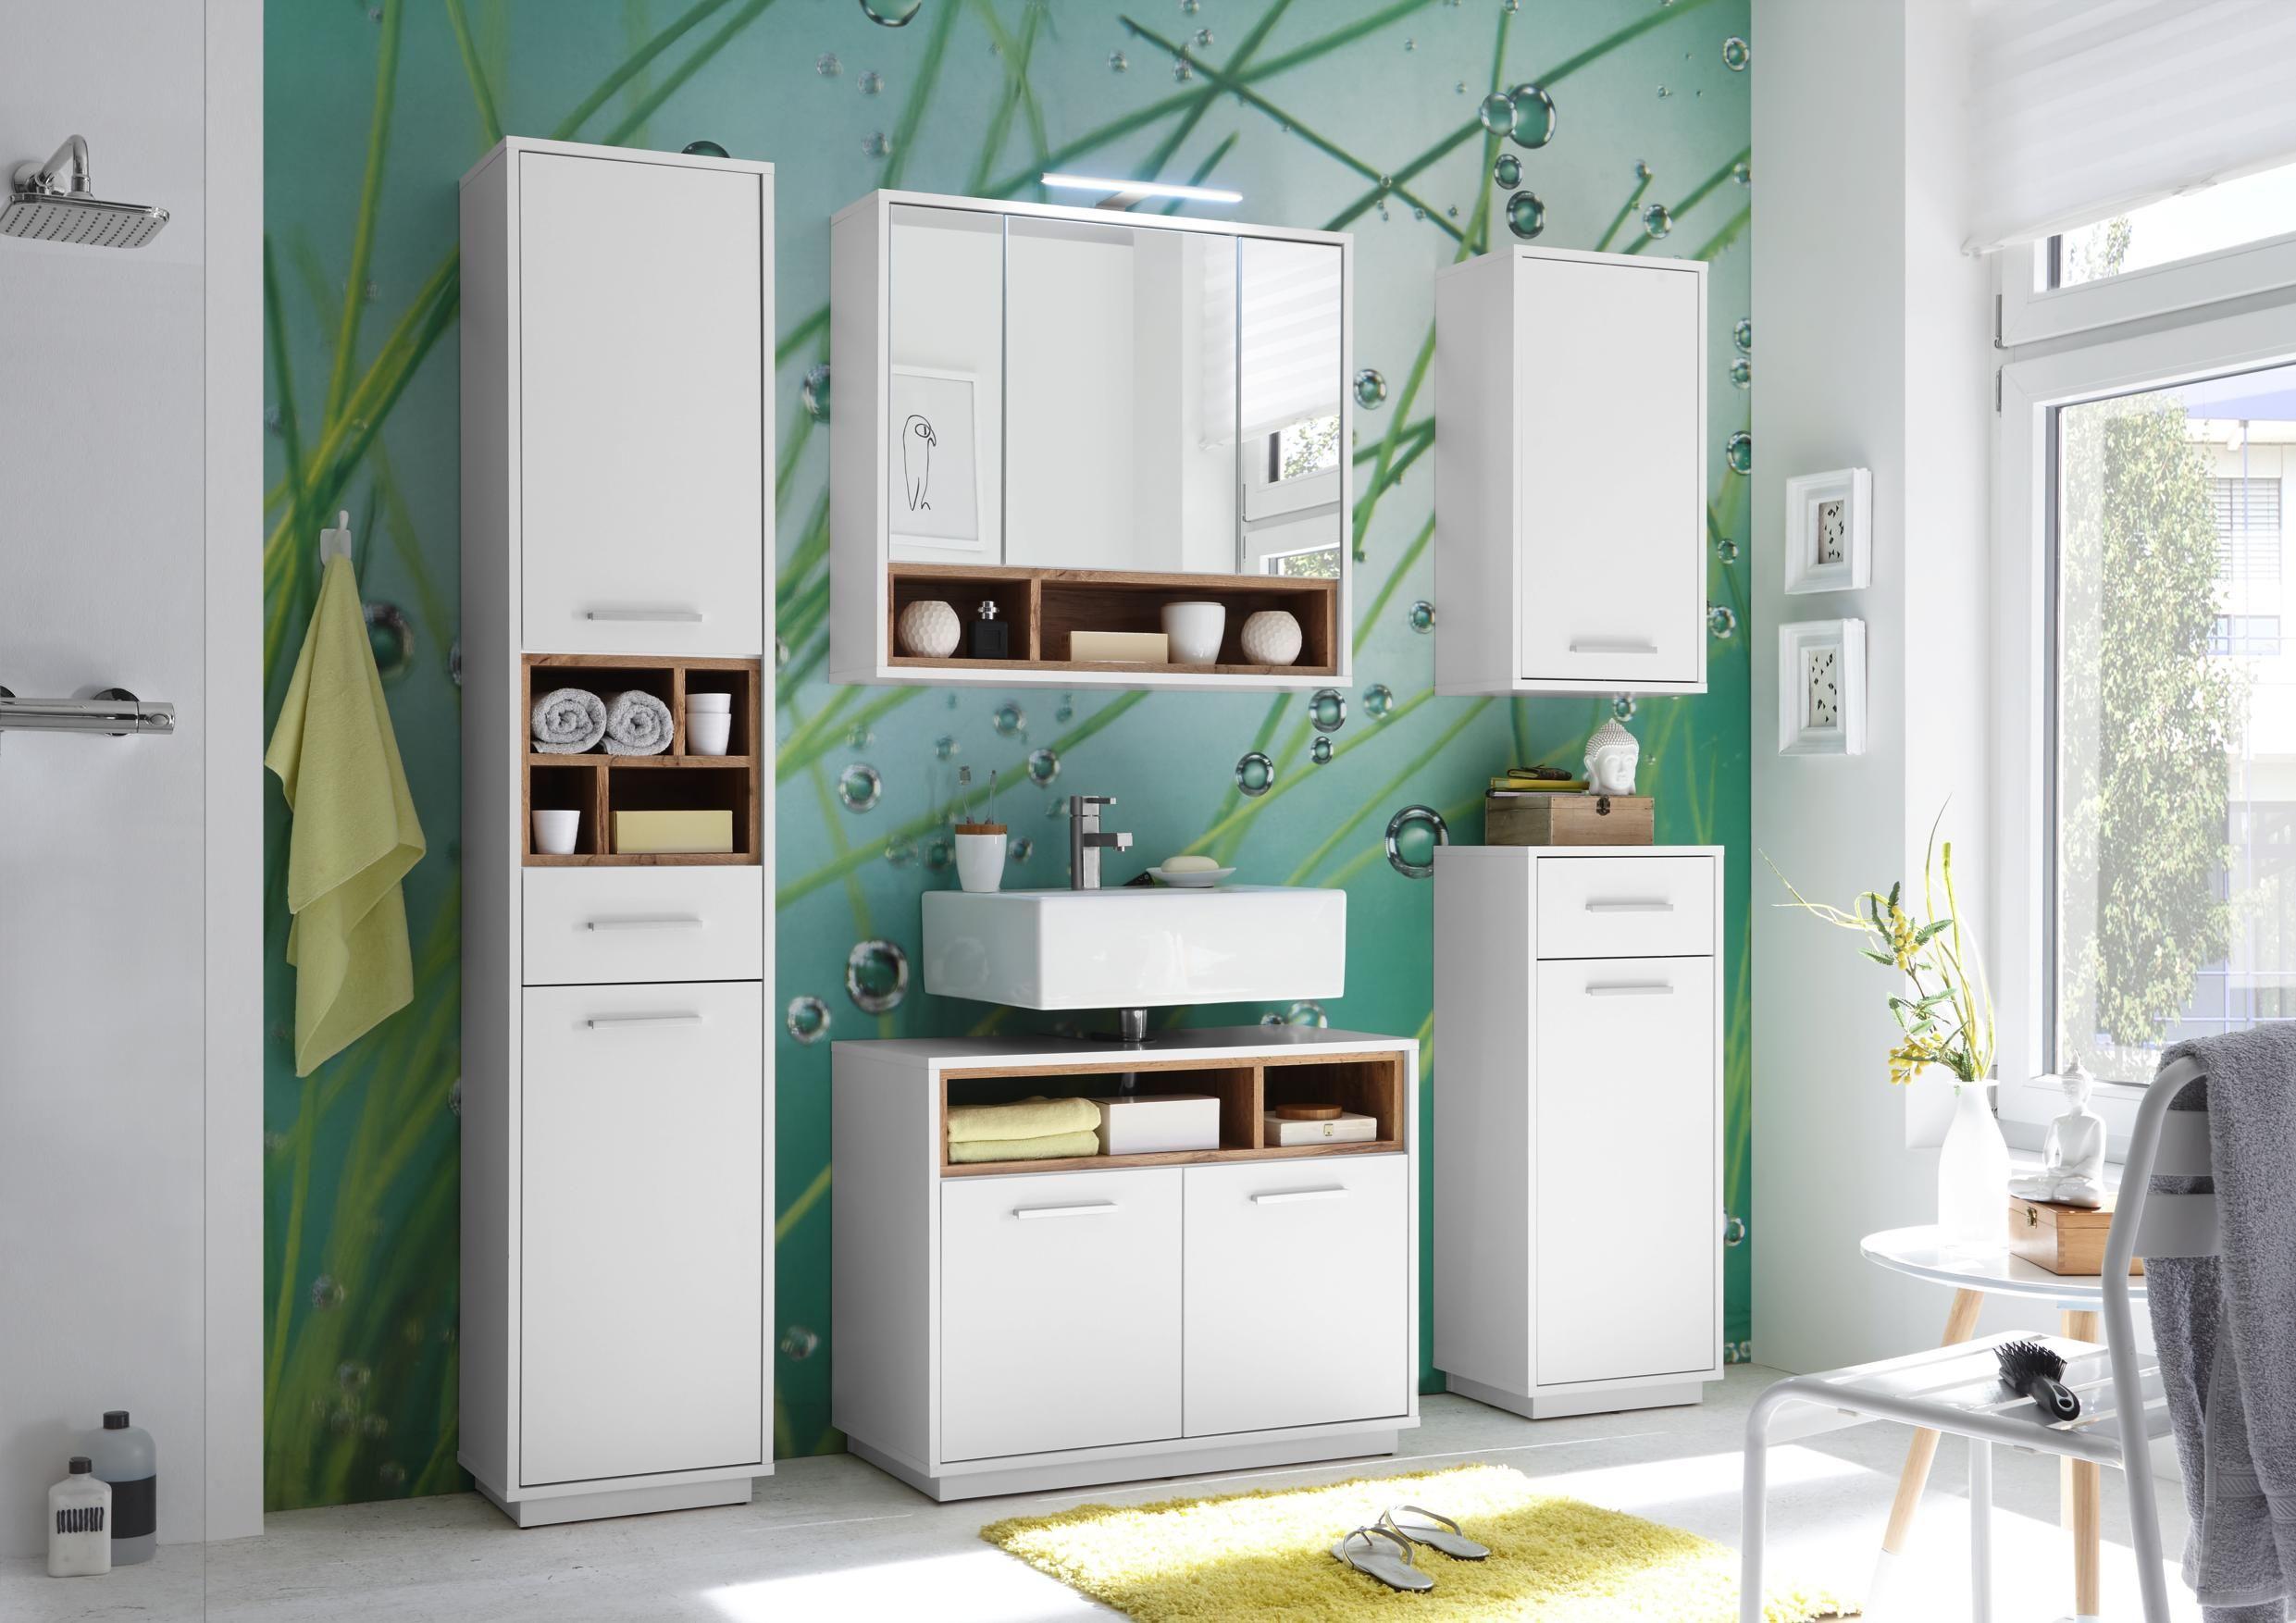 Badezimmer von XORA Moderne kleine bäder, Kleines bad